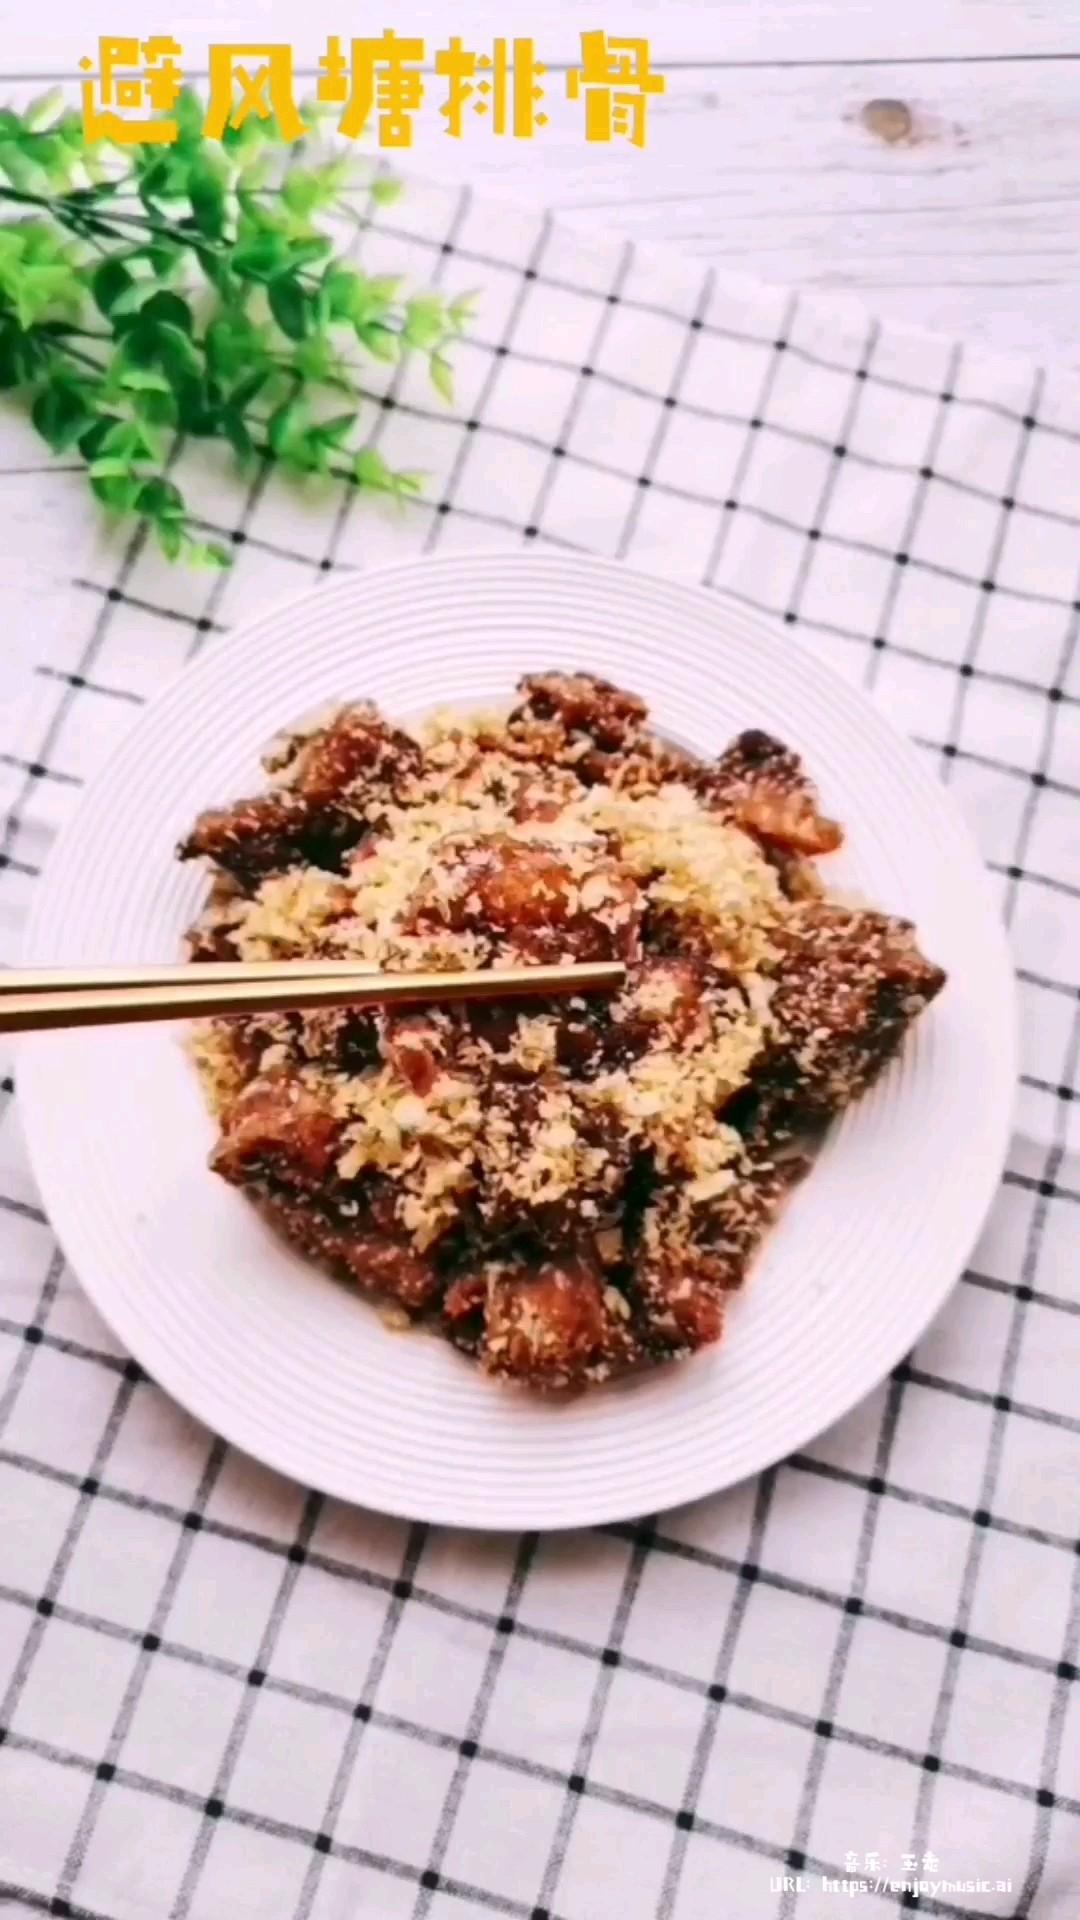 金黄喜庆的避风塘排骨,外脆里嫩超好吃~